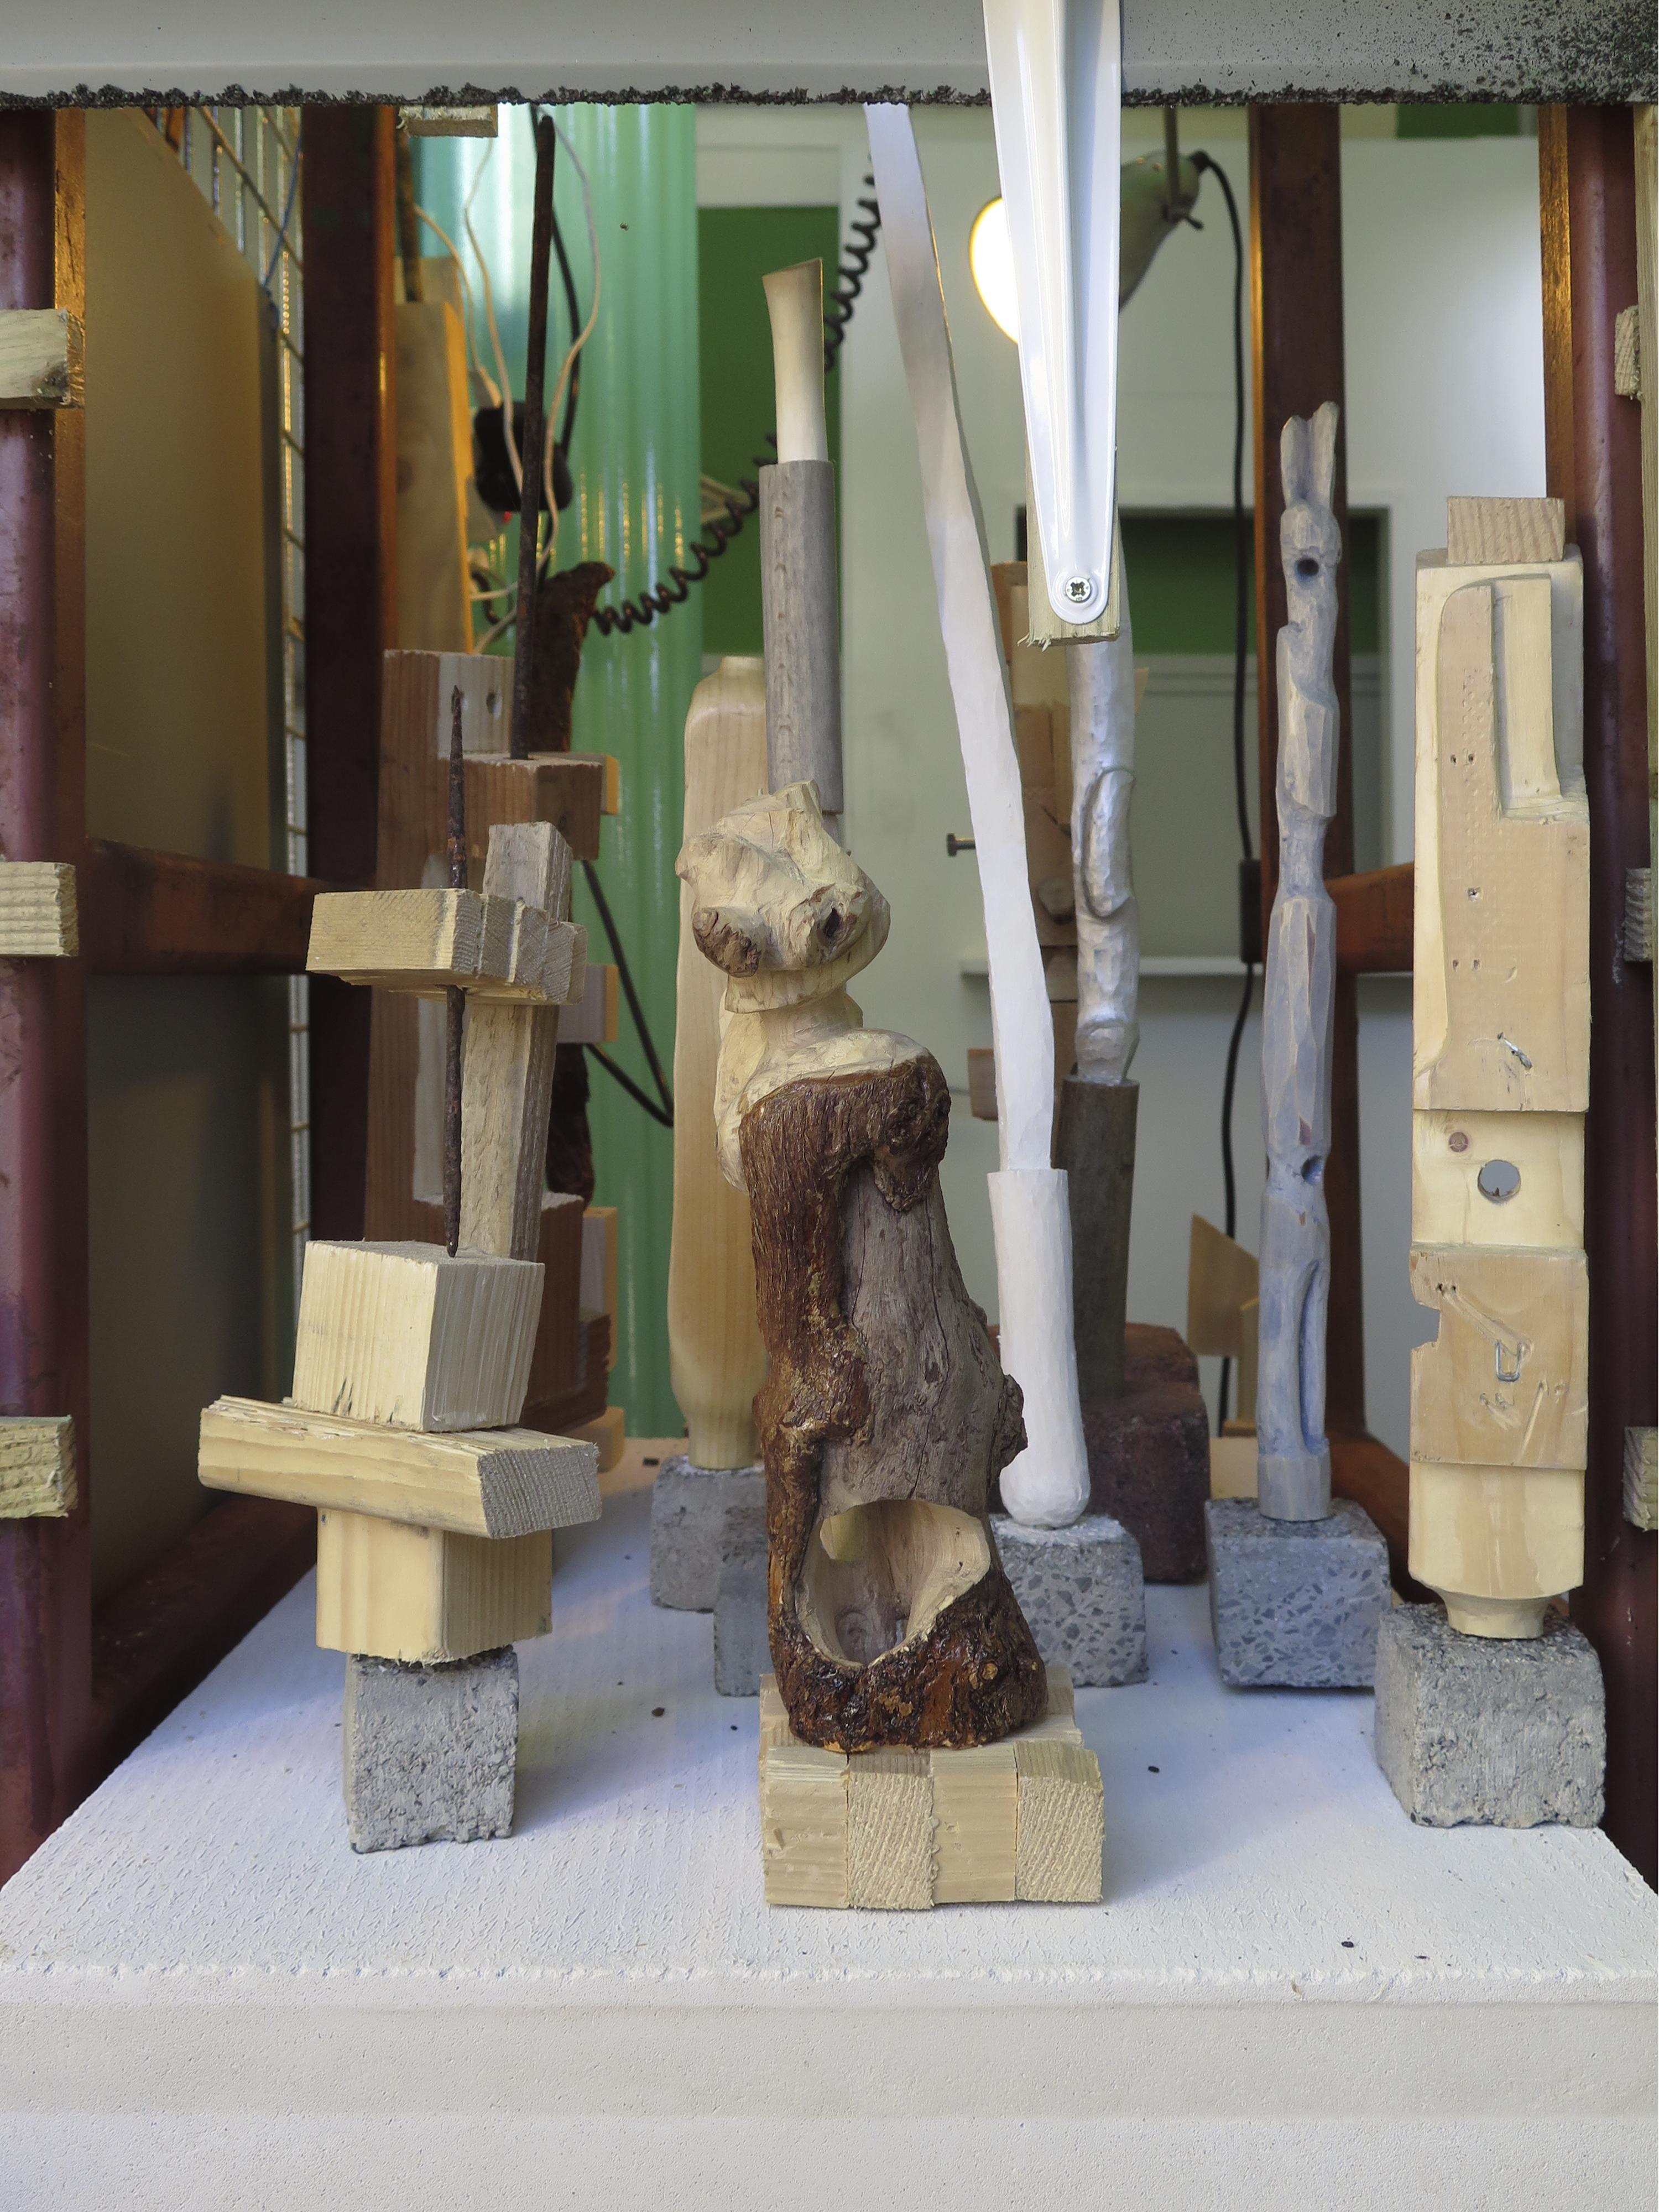 Eigen Weg installation view, Bernd Krauß and Petter Dahlström Persson. Photo courtesyPetter Dahlström Persson.